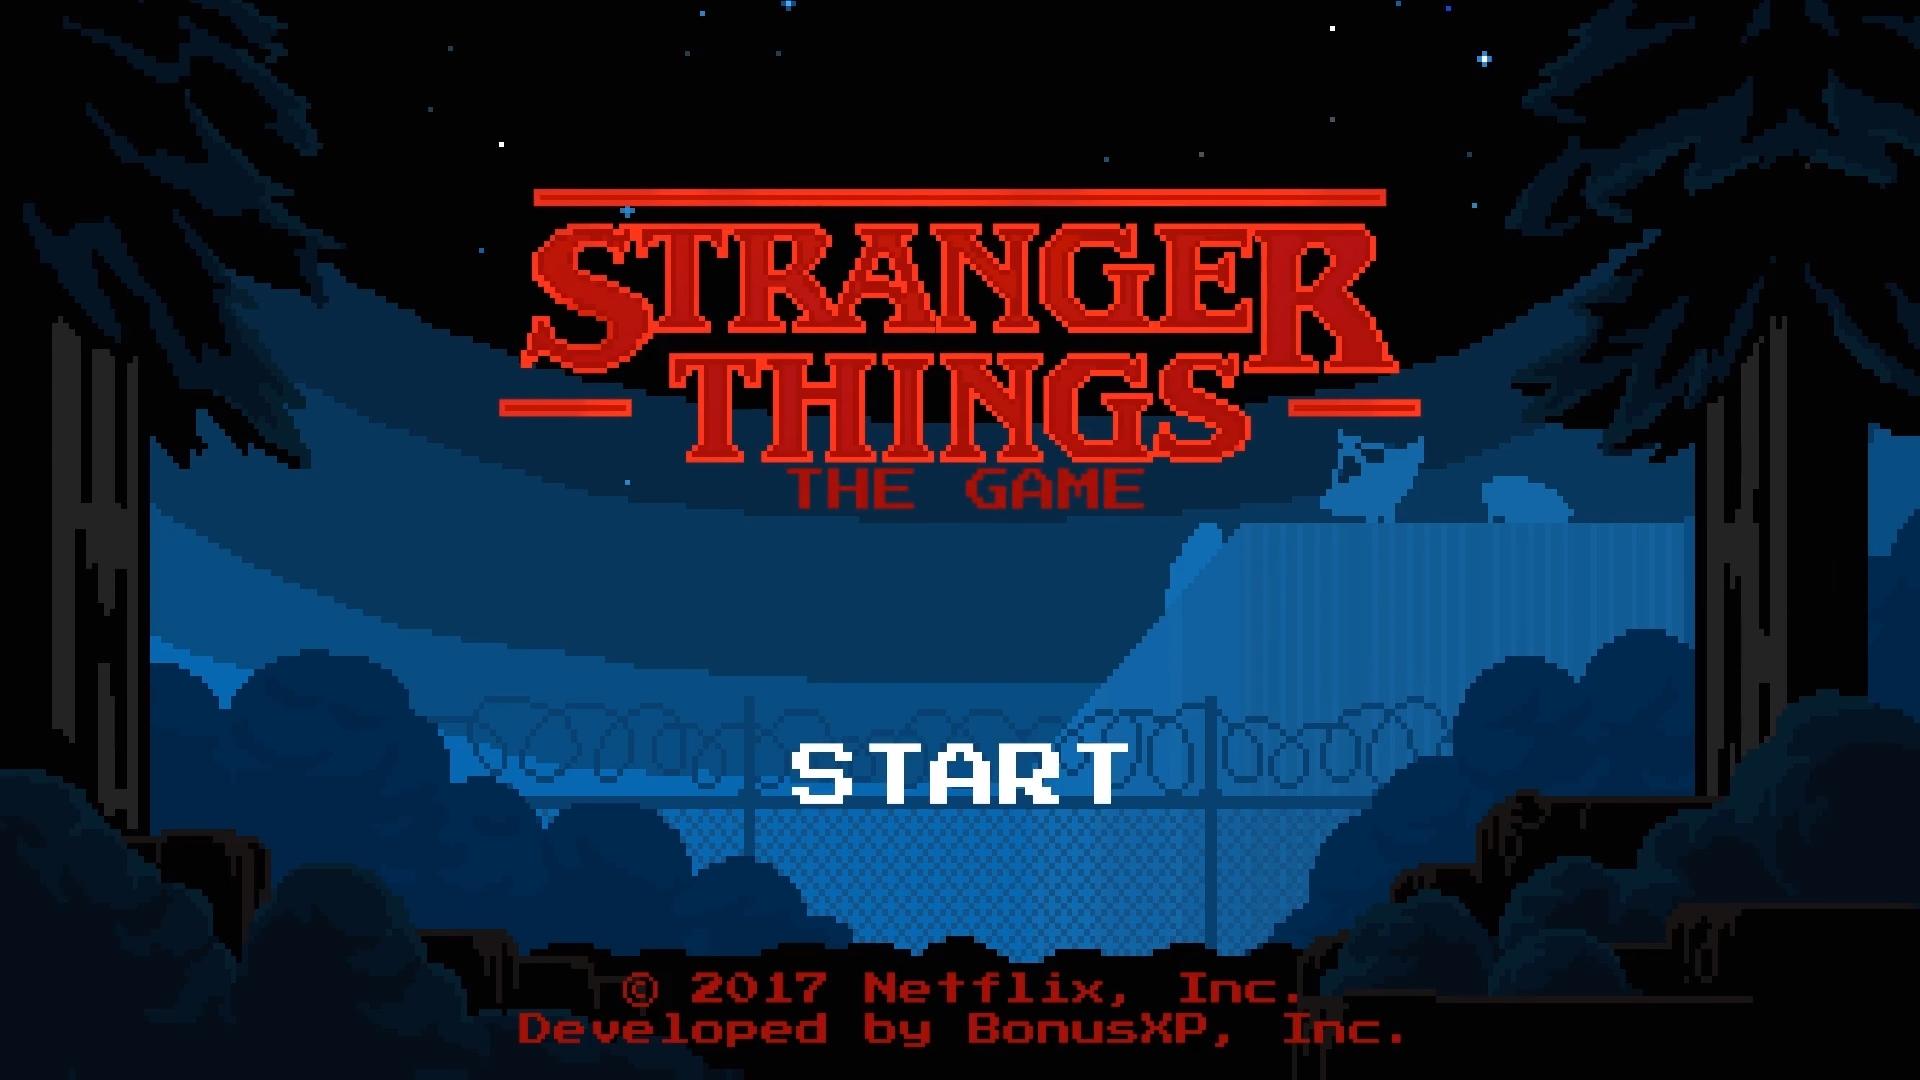 stranger things 09102017 01